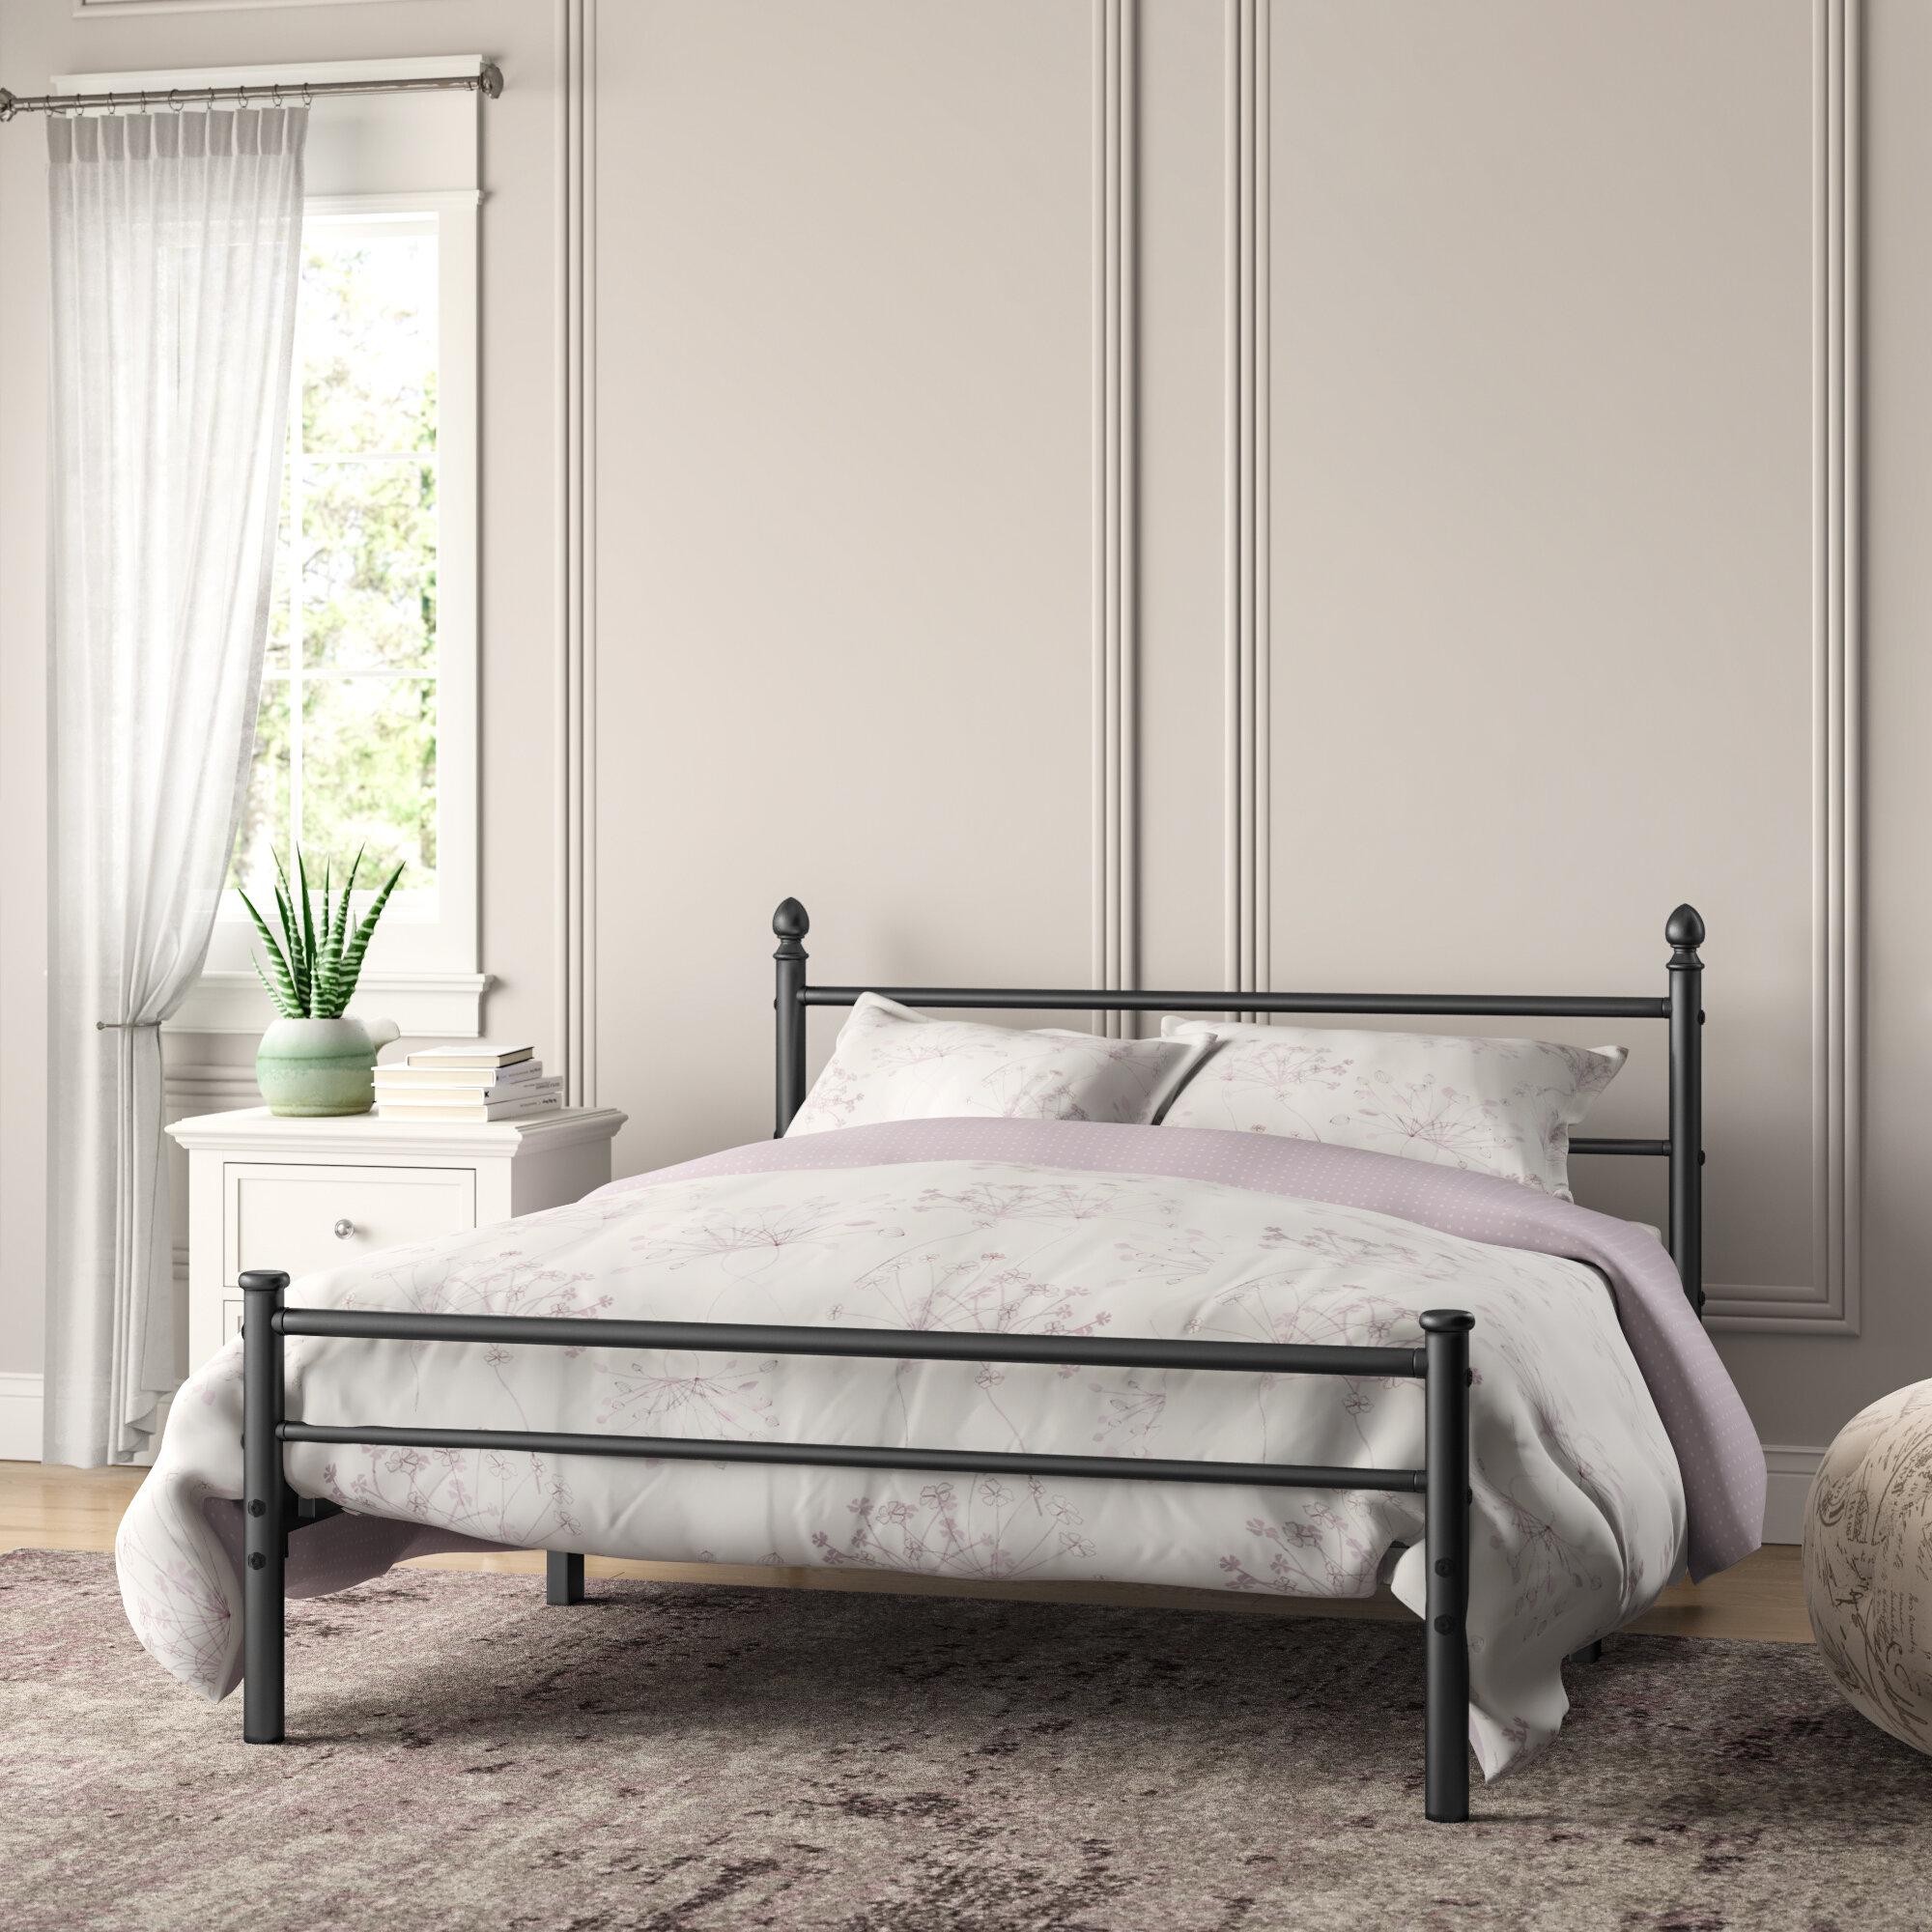 Red Barrel Studio Siobhan Full Platform Bed U0026 Reviews   Wayfair